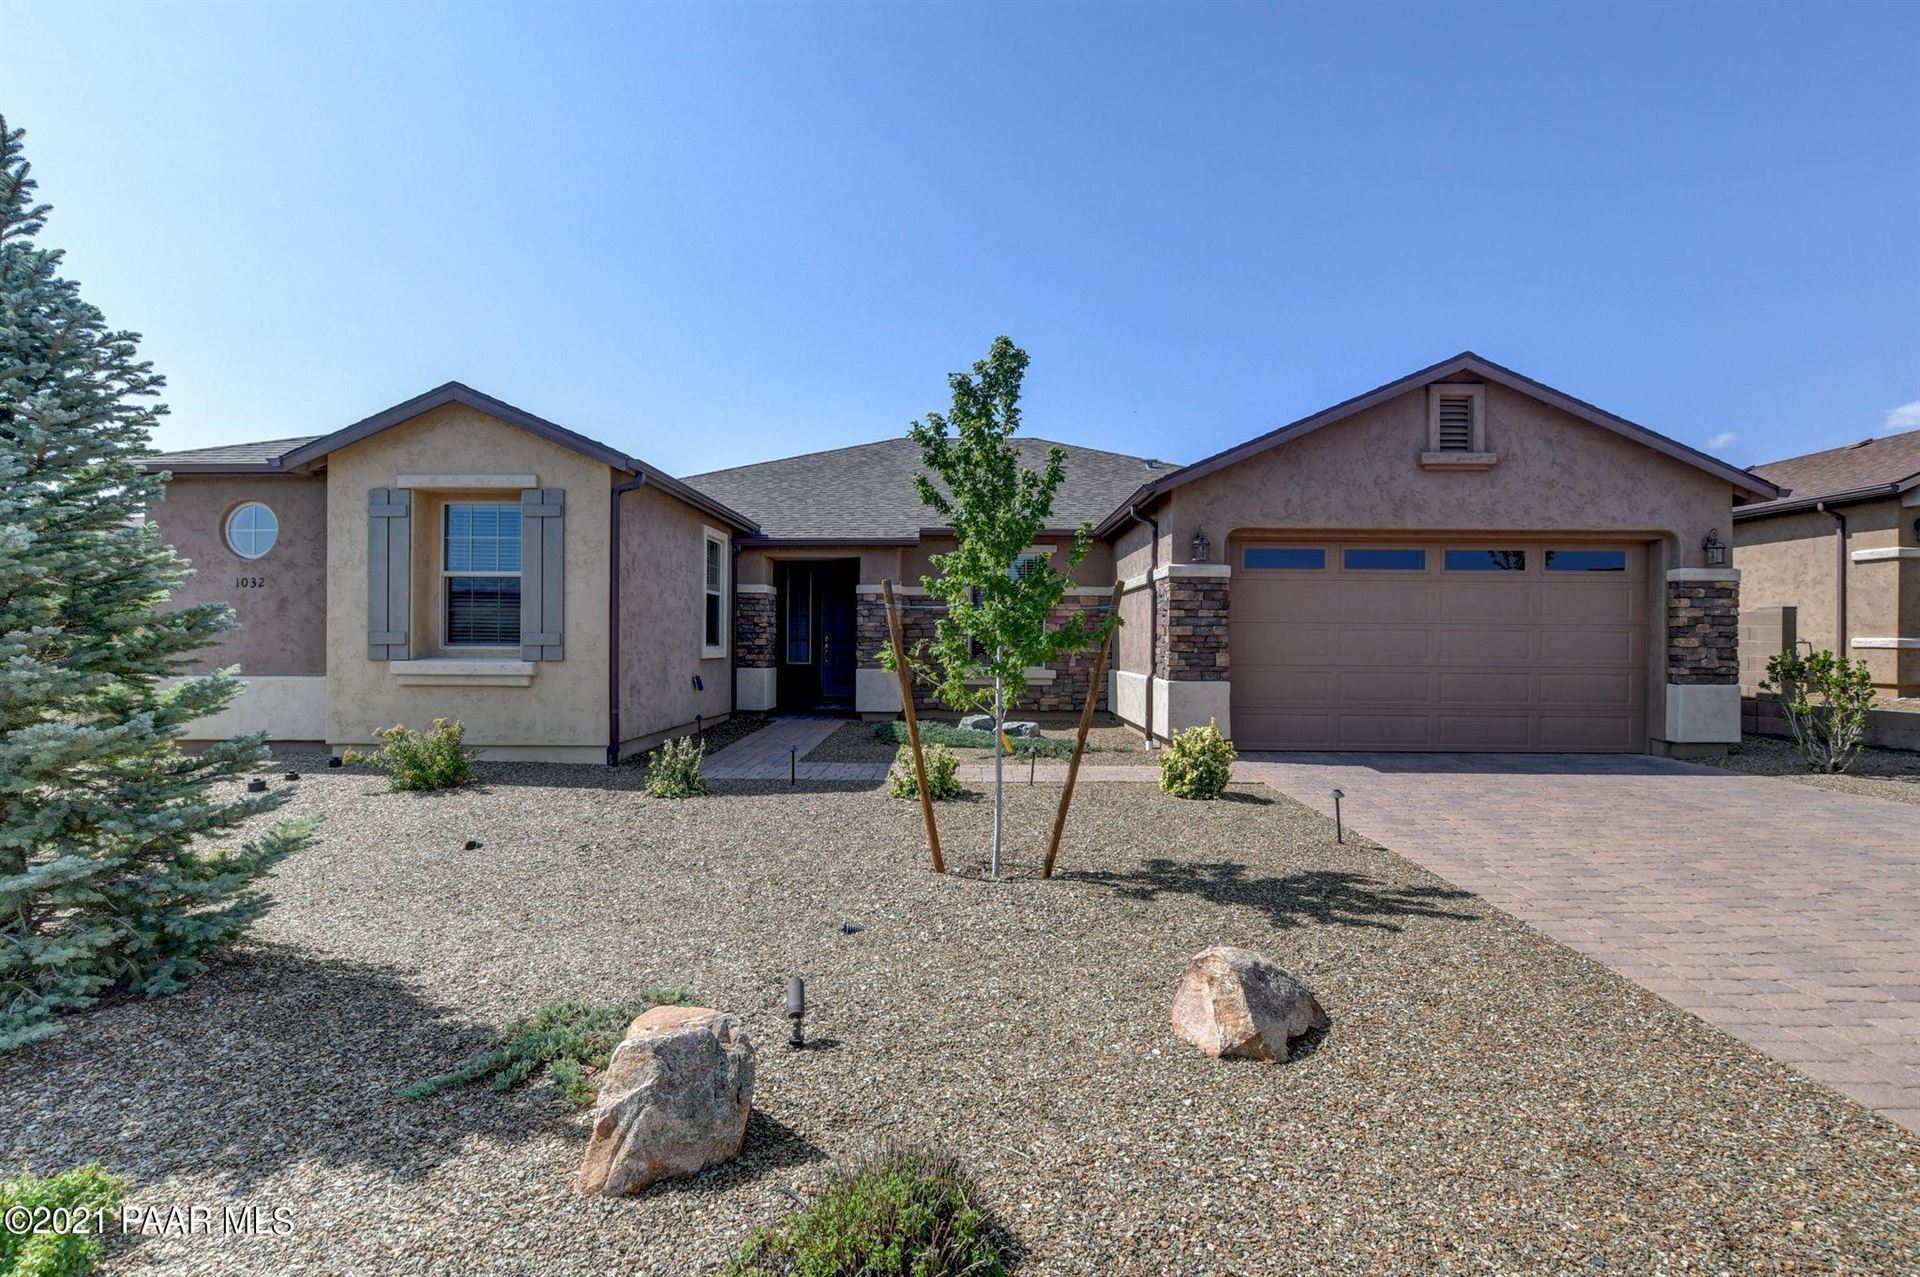 Photo of 1032 N Wide Open Trail #Lot: 862, Prescott Valley, AZ 86314 (MLS # 1040470)